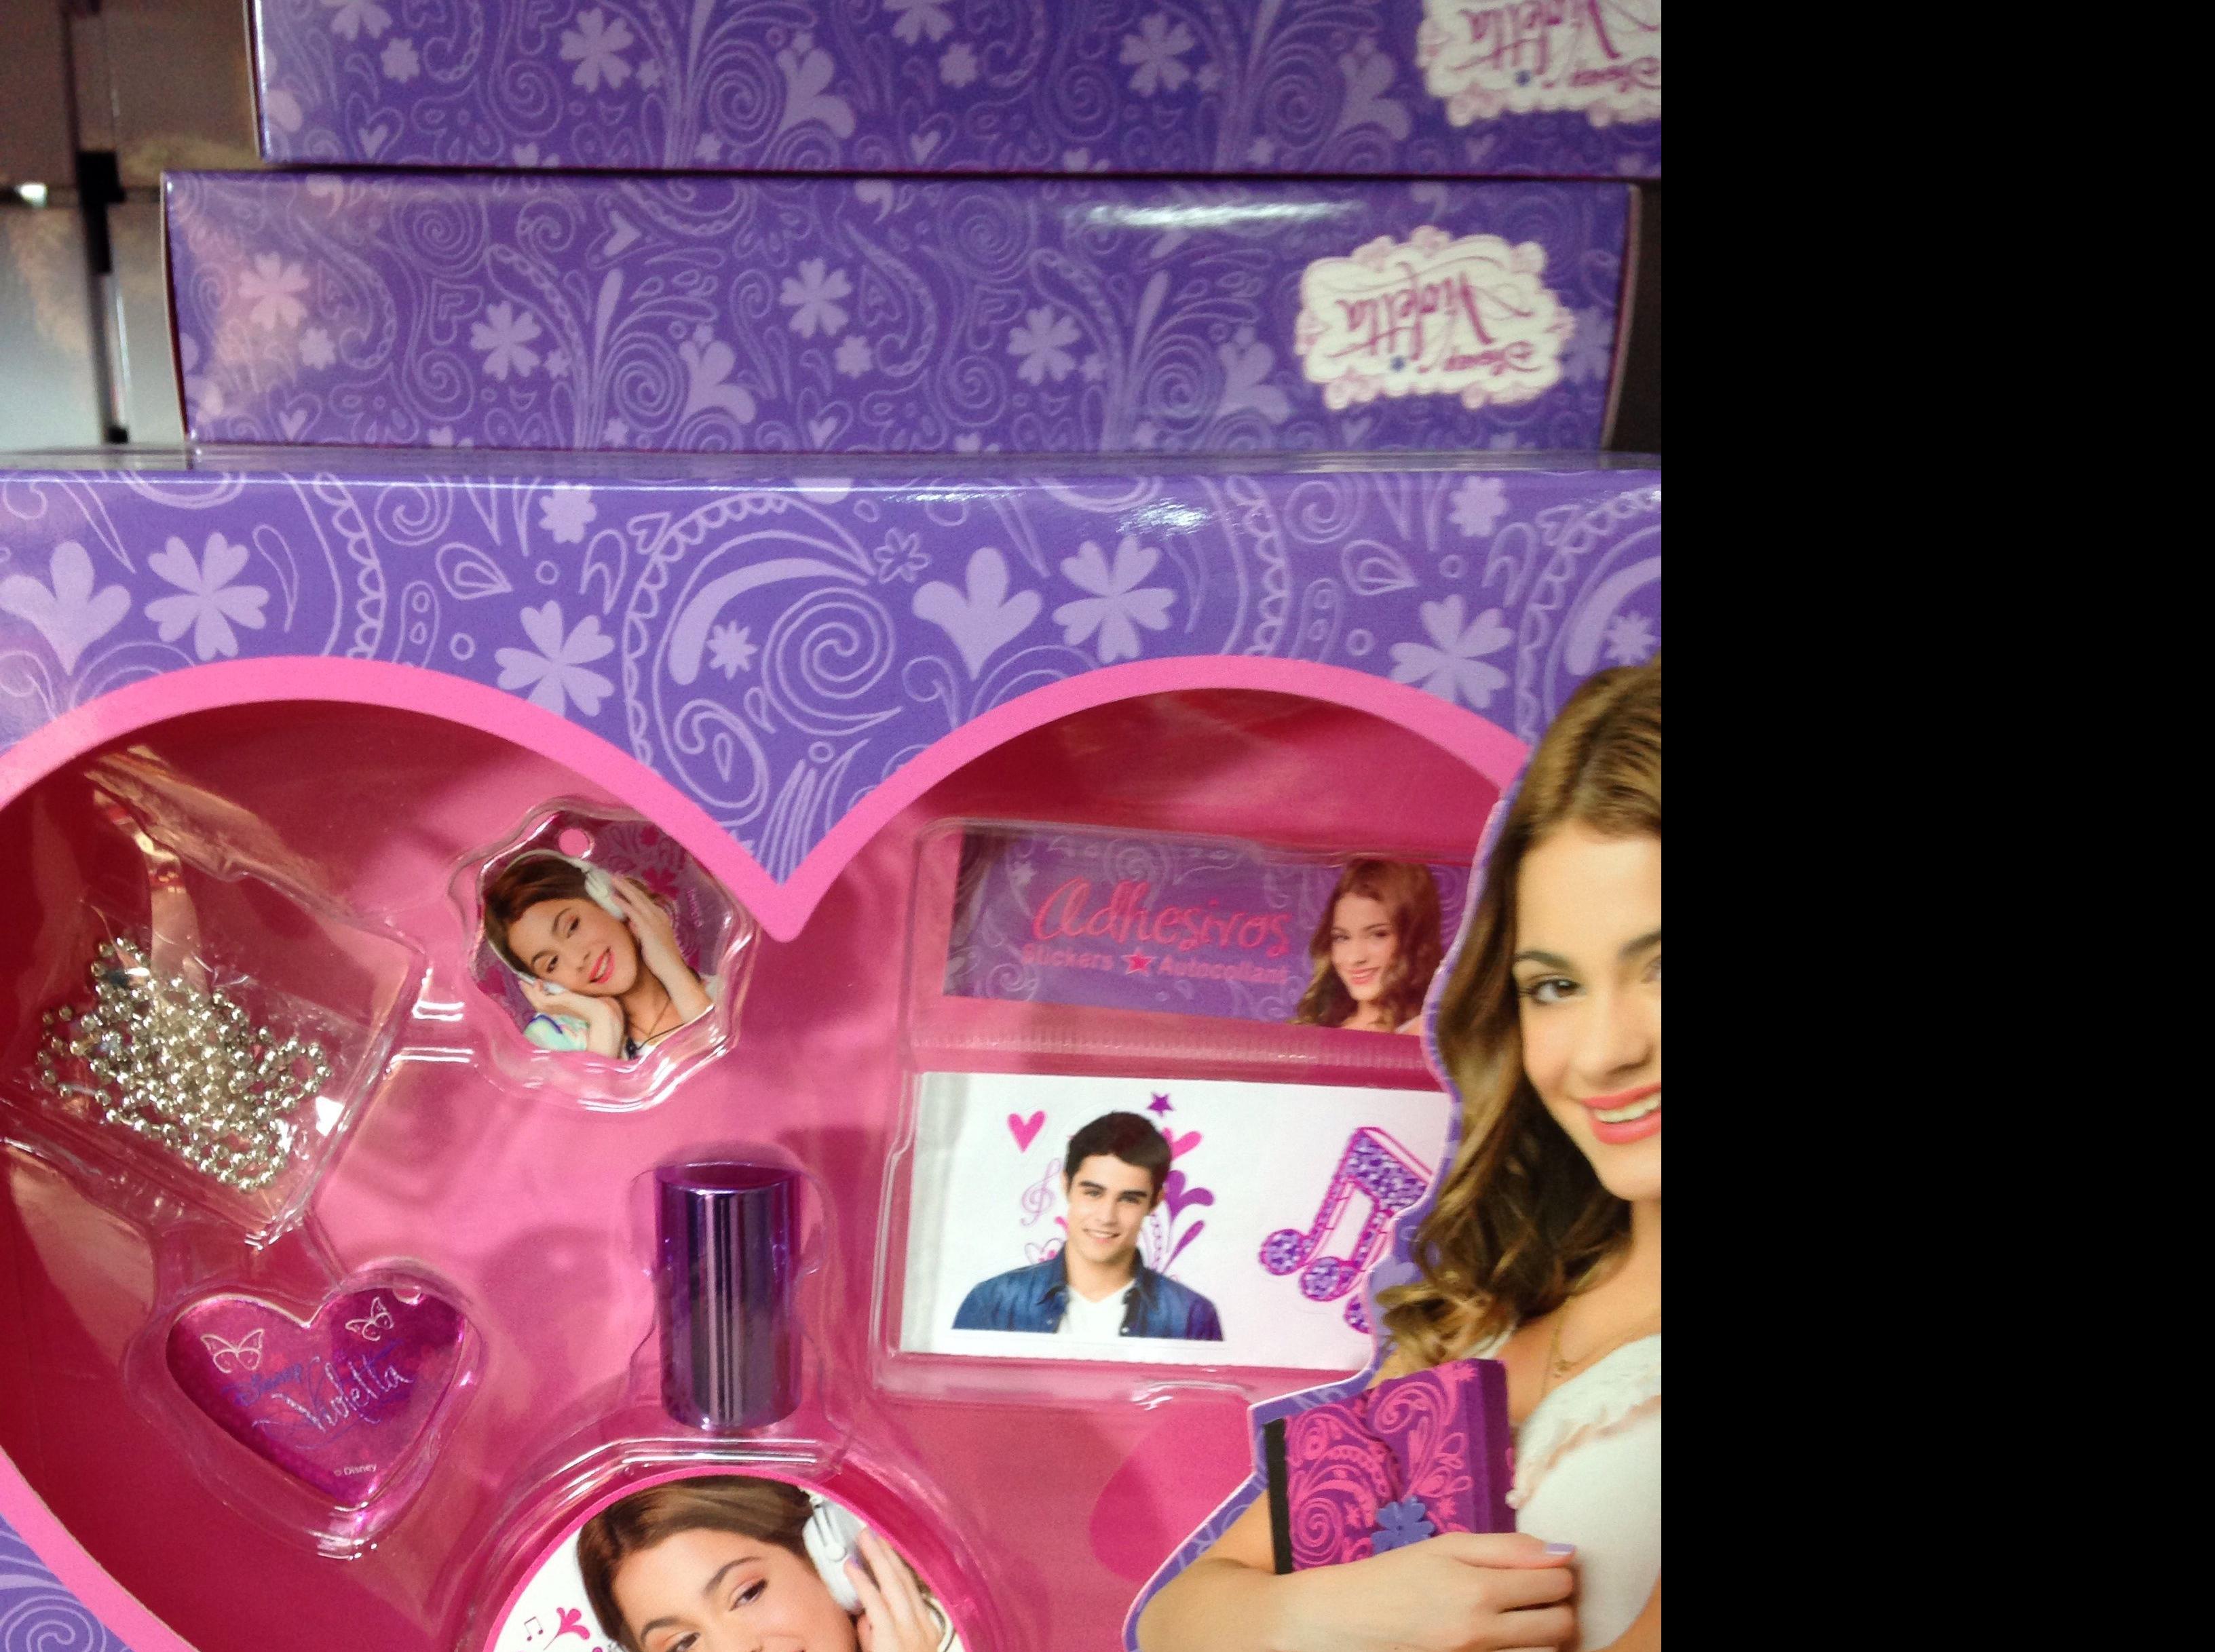 Violeta estuches perfume